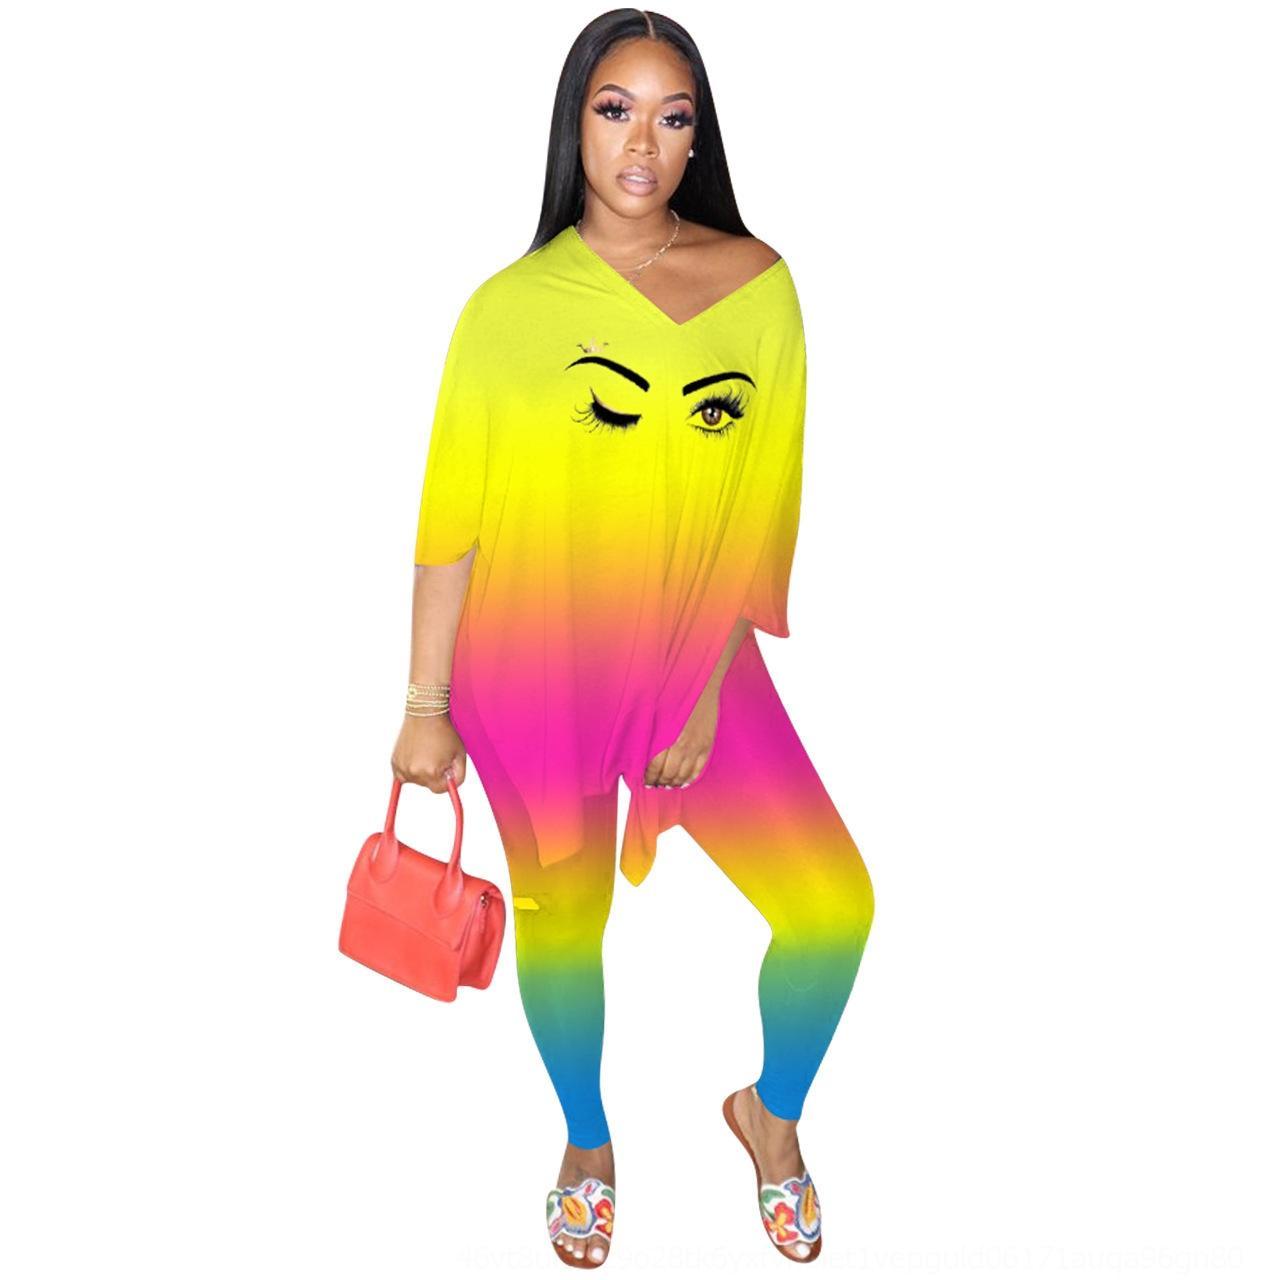 Uj6r2 cmYSm cor grafite cor do terno Moda Gradiente impresso pichações impressa moda gradiente roupas terno das mulheres de roupas femininas